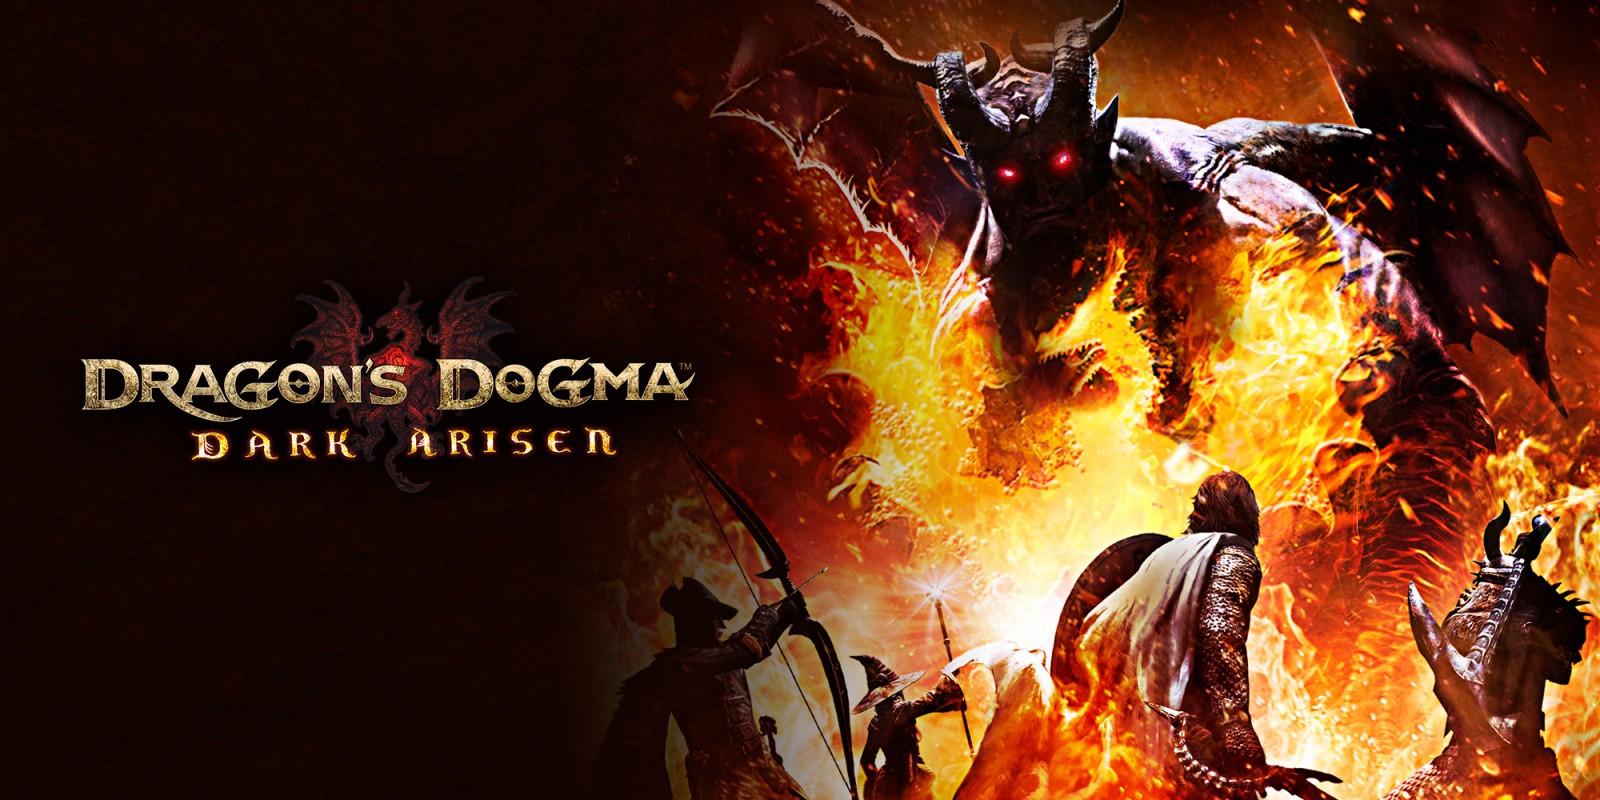 Dragons dogma switch